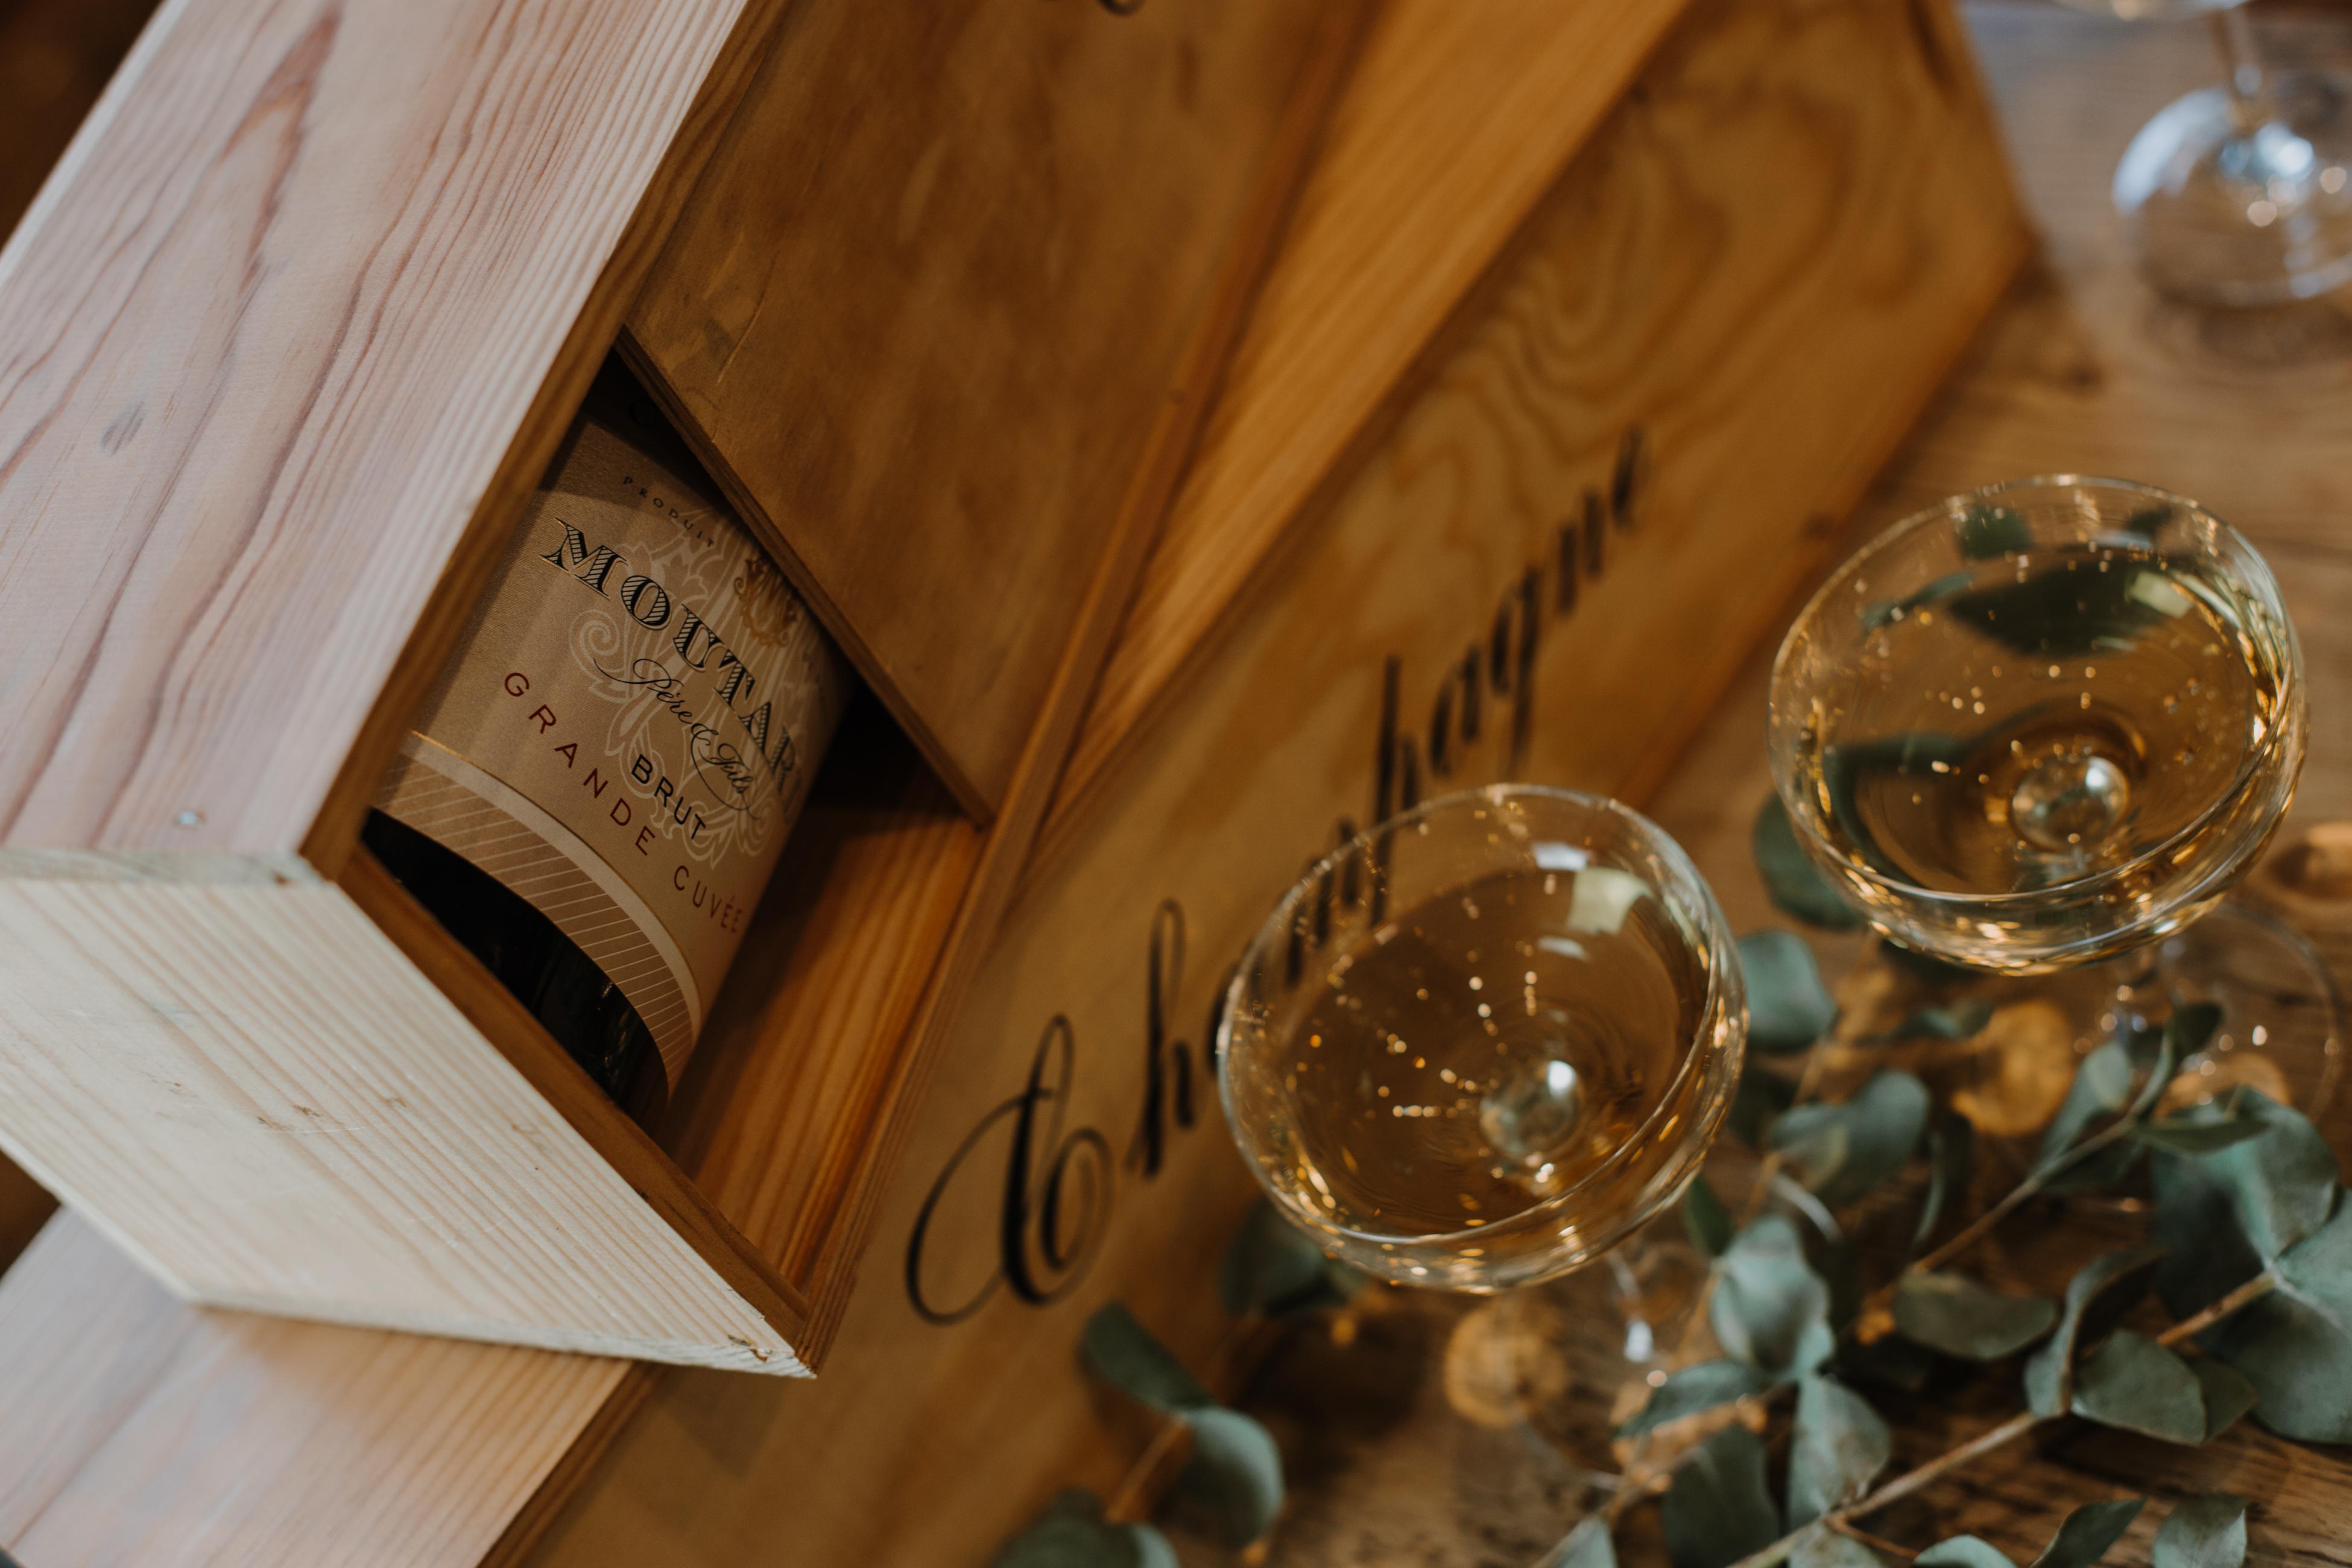 Deli - Champagne-25.jpg